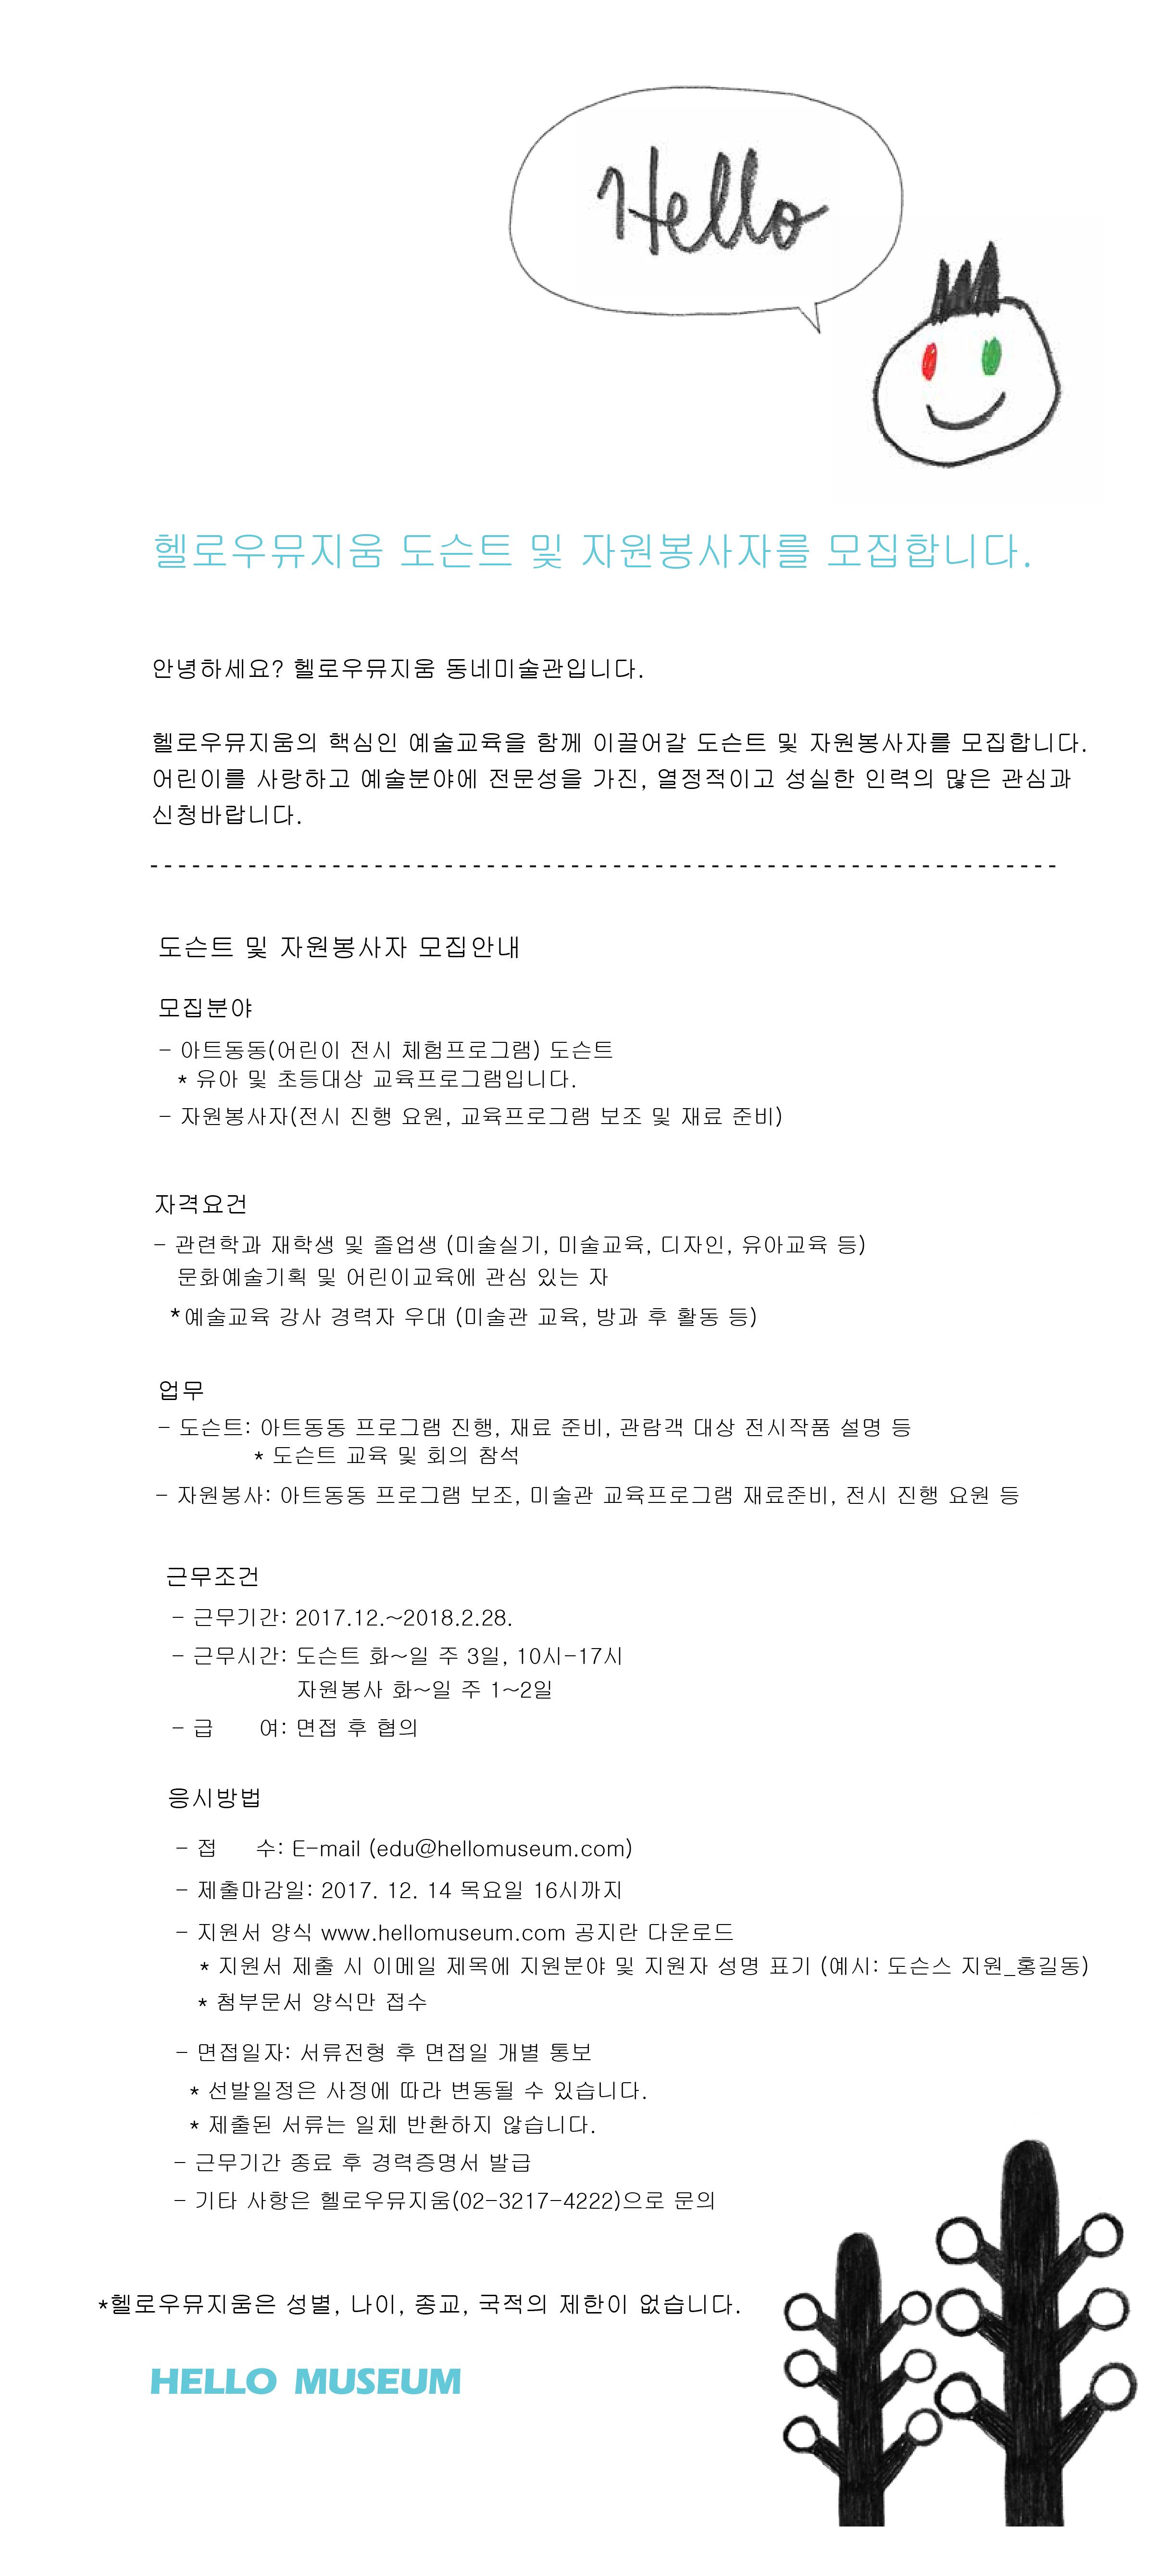 인력공고(2017도슨트, 자원봉사)